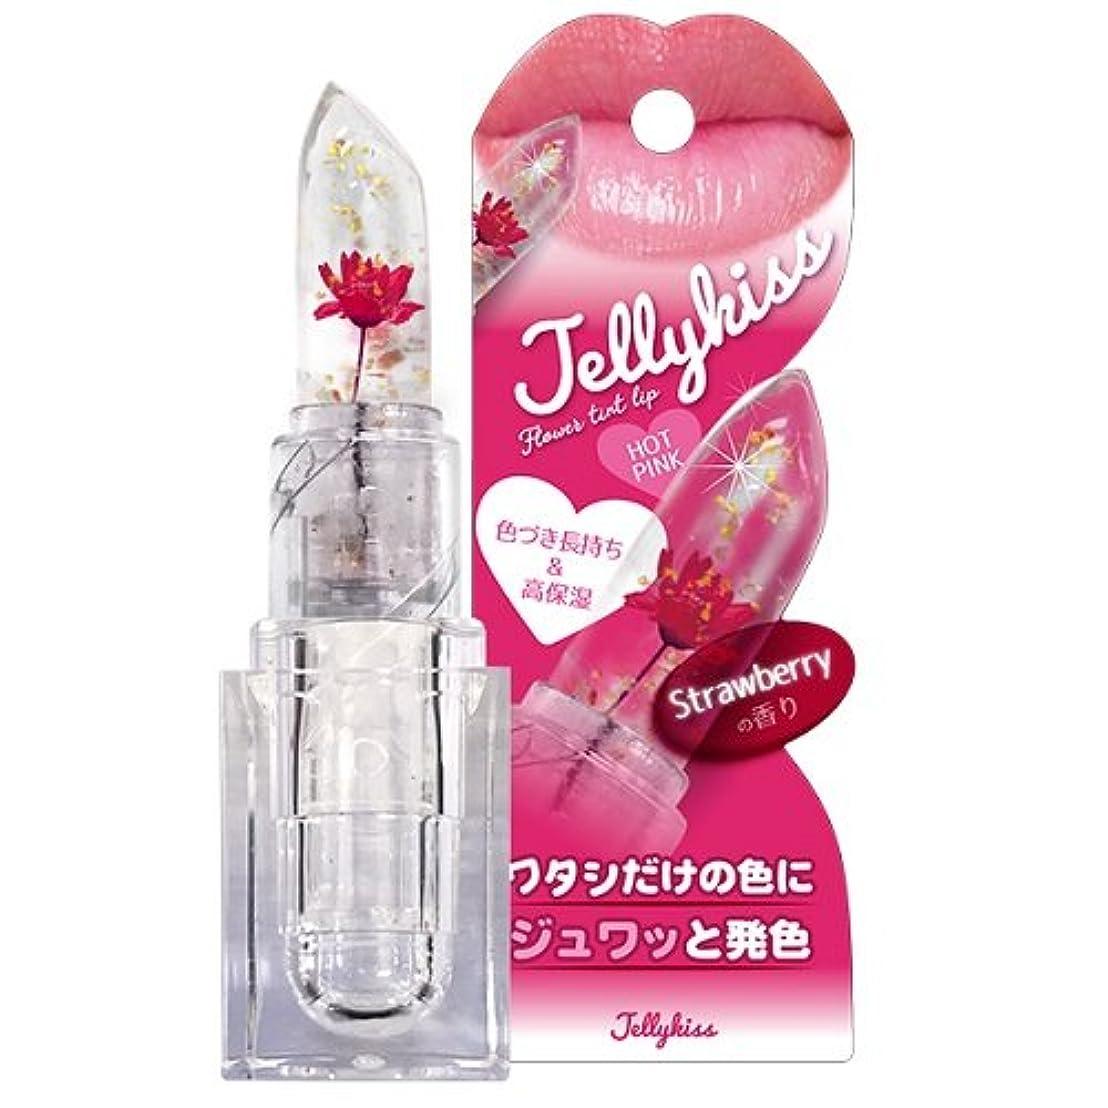 石炭虹賢明なジェリキス (Jelly kiss) 01 ホットピンク 3.5g